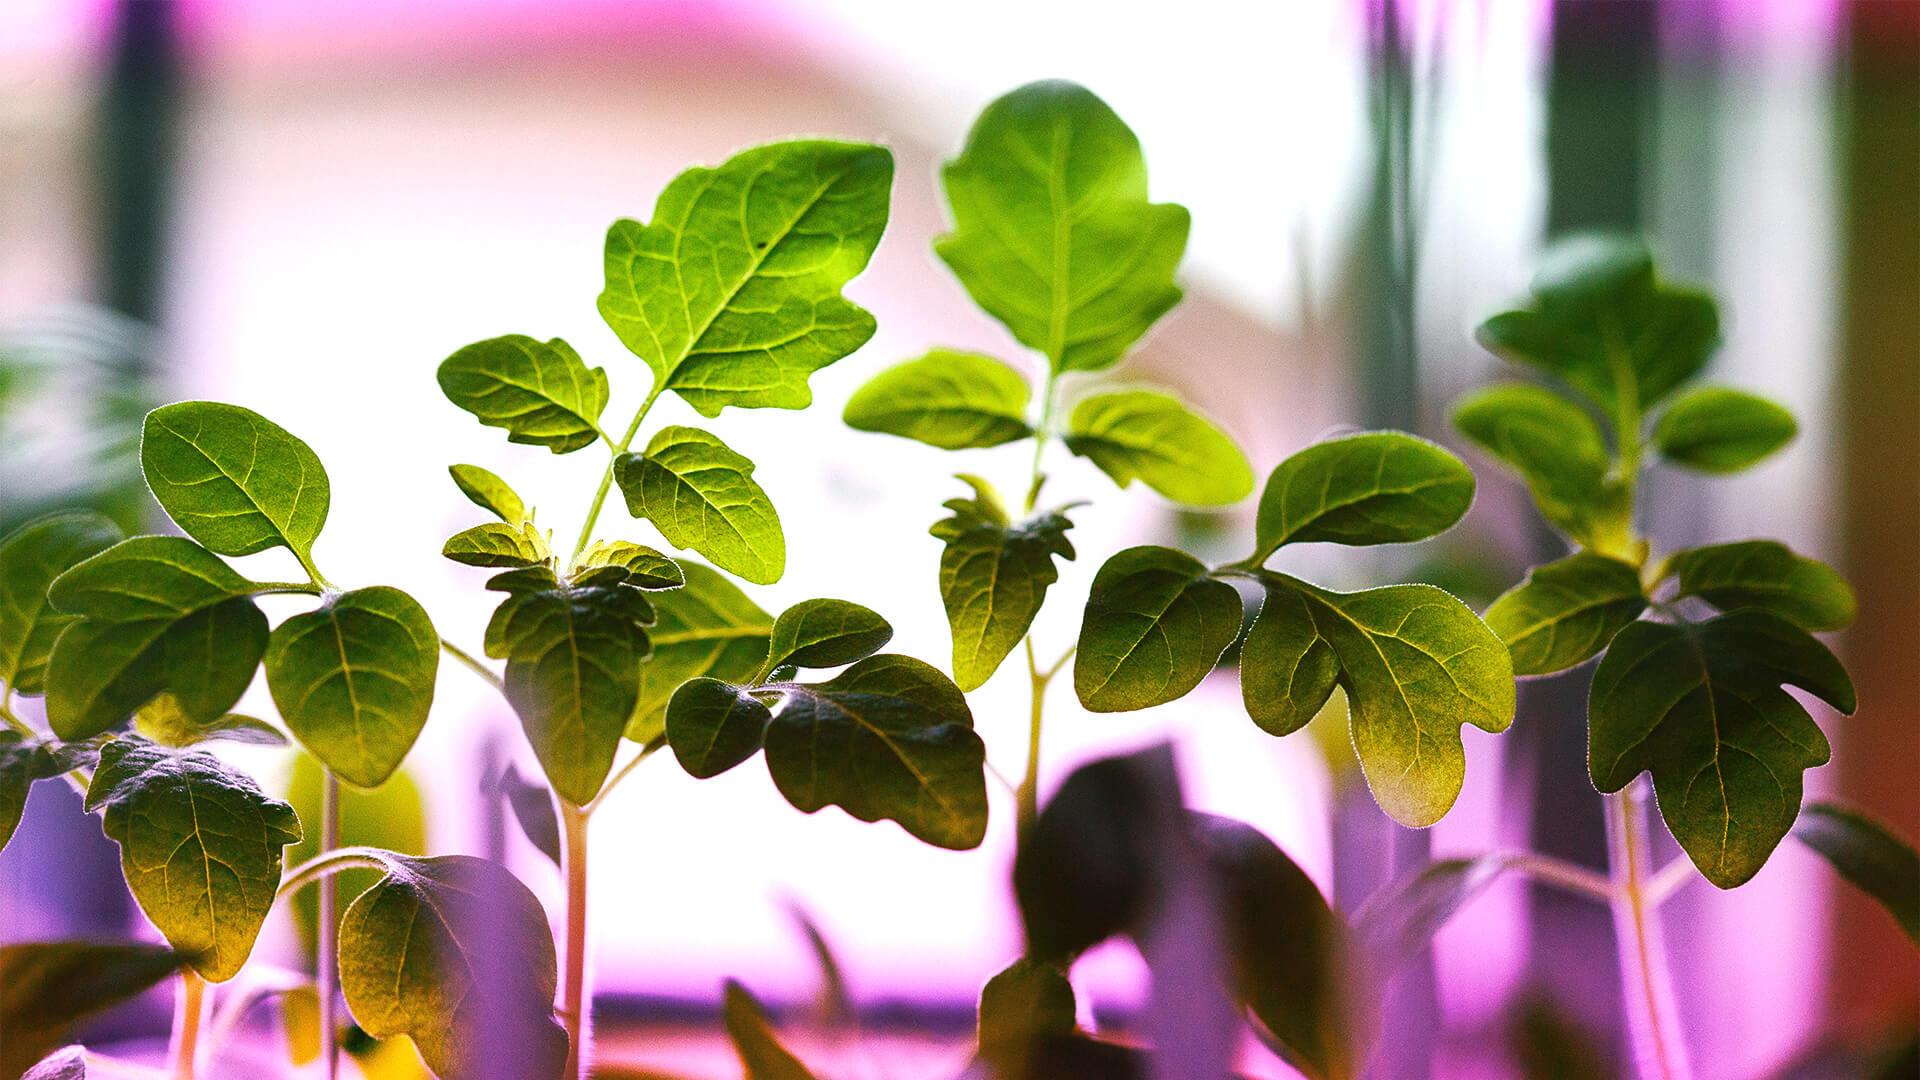 Agricoltura indoor: come coltivarsi il cibo anche senza spazi esterni